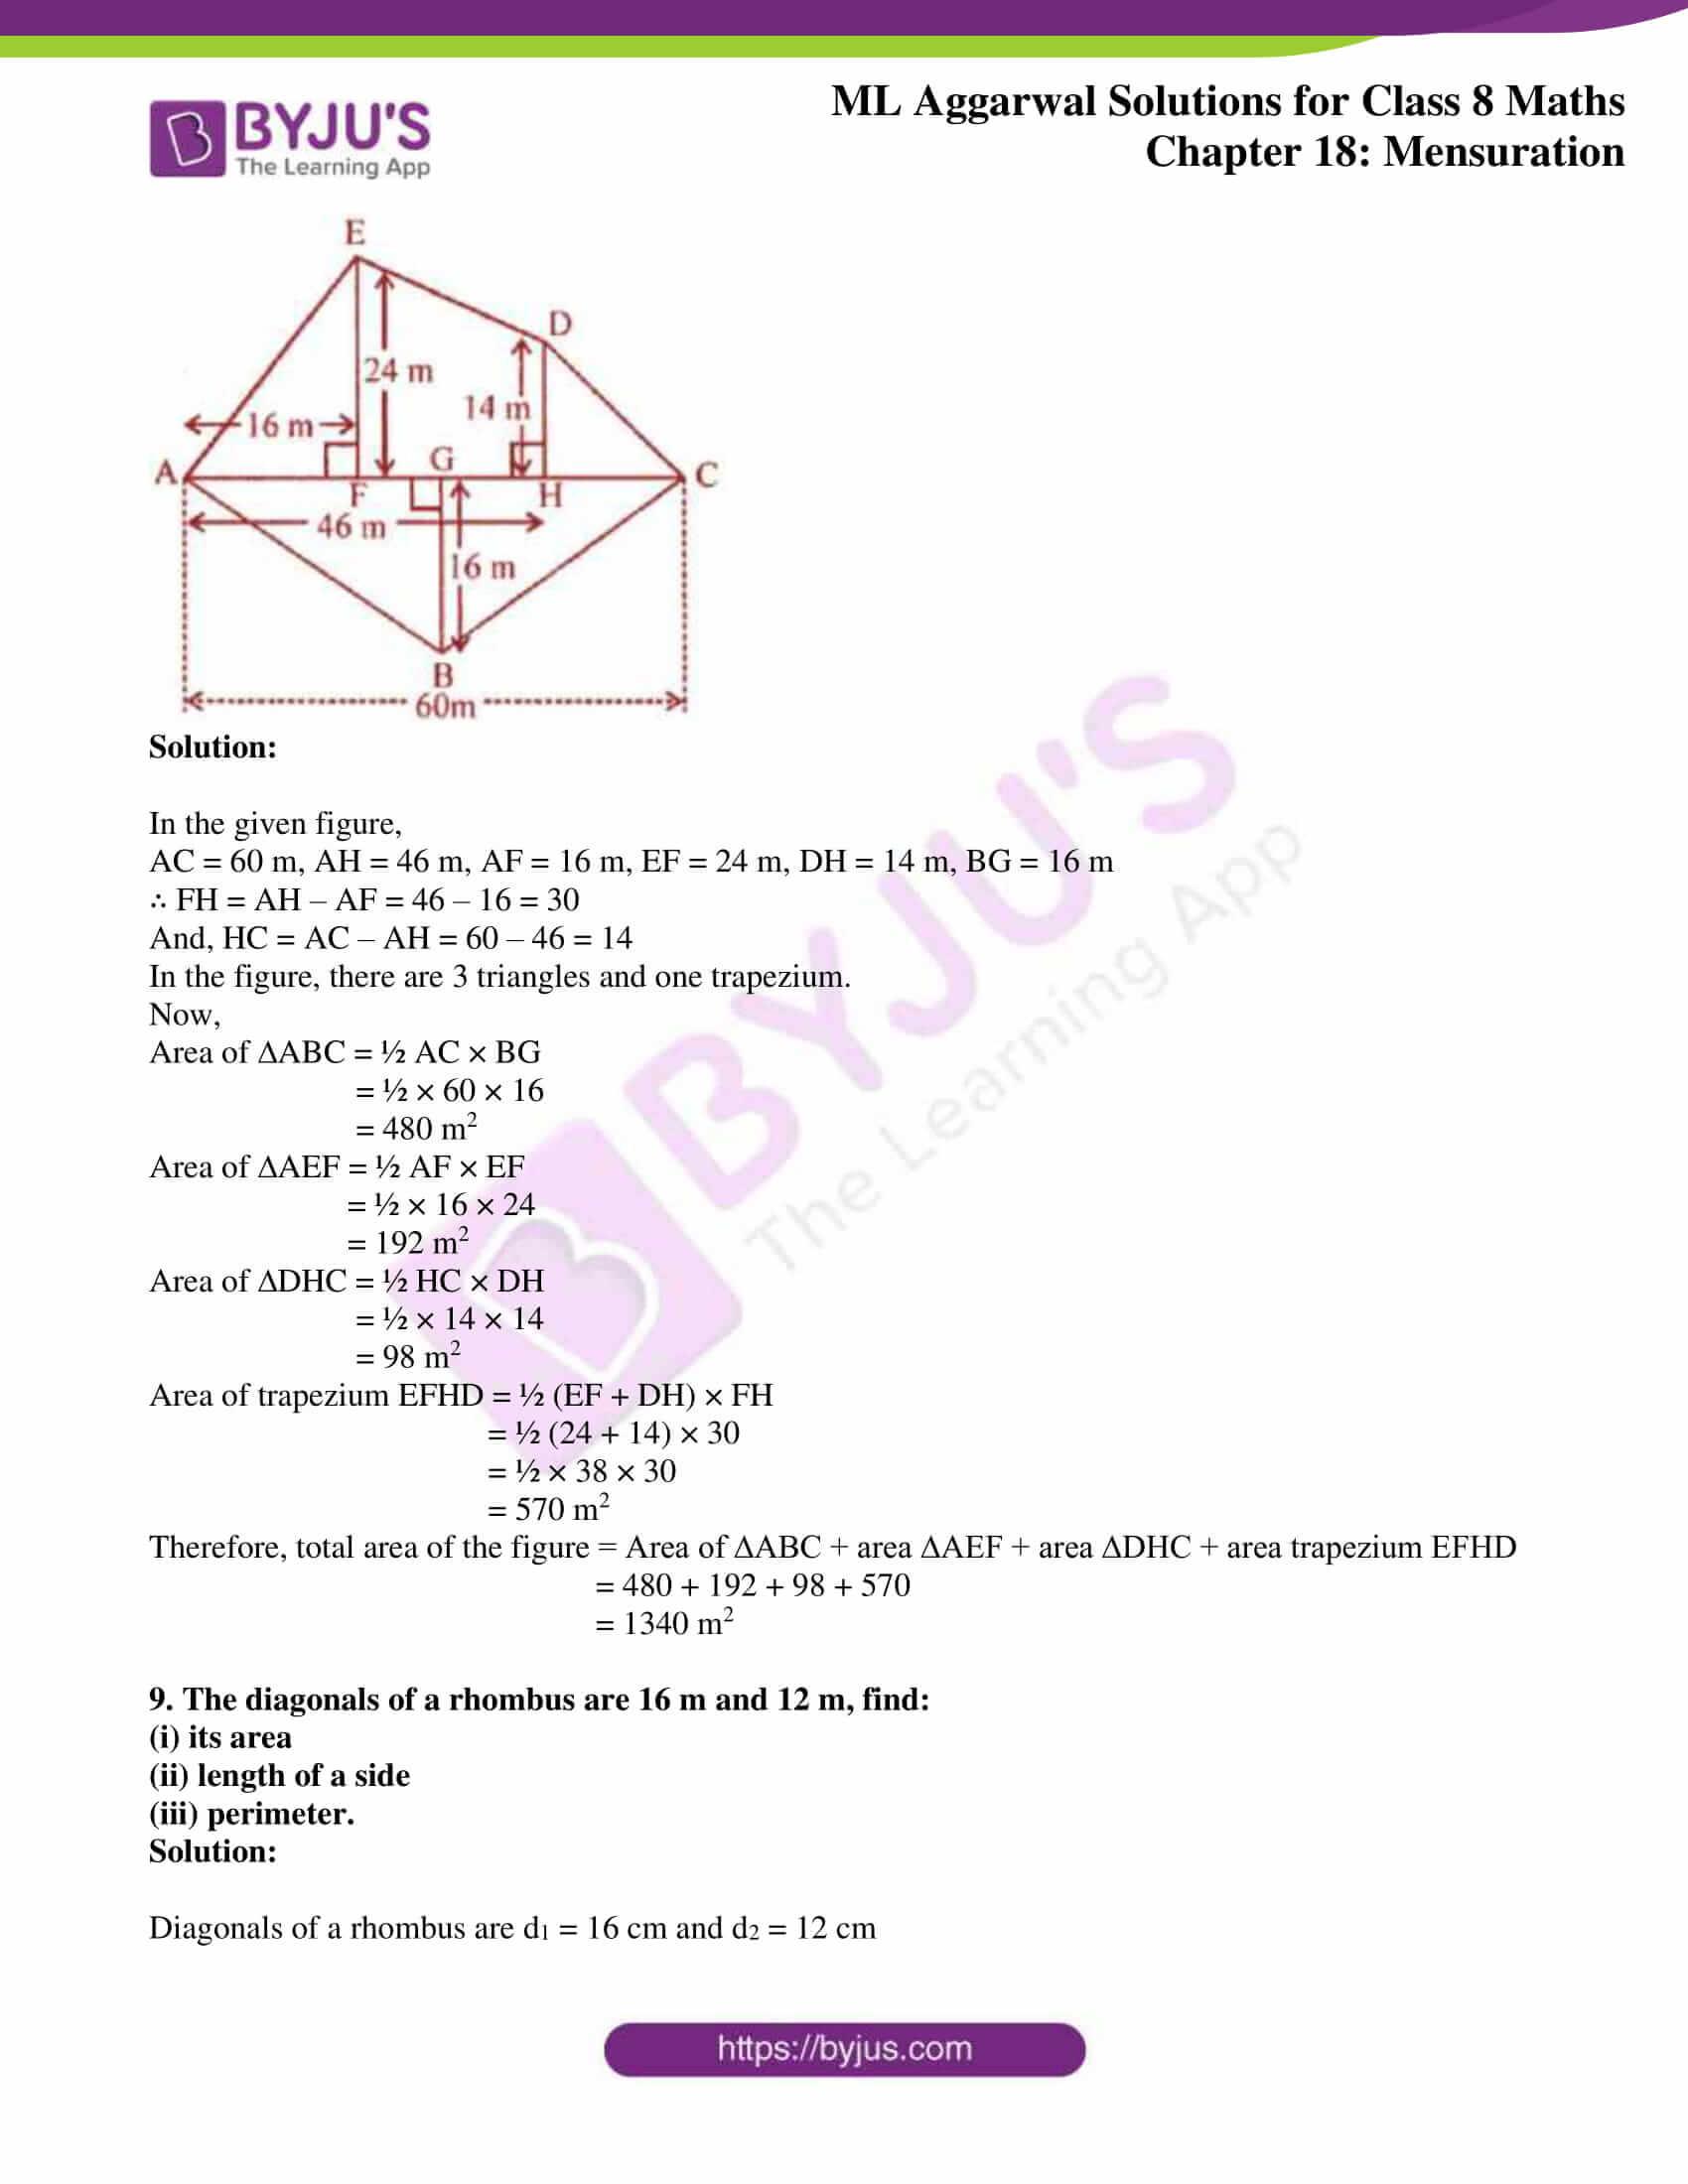 ml aggarwal sol mathematics class 8 ch 18 39